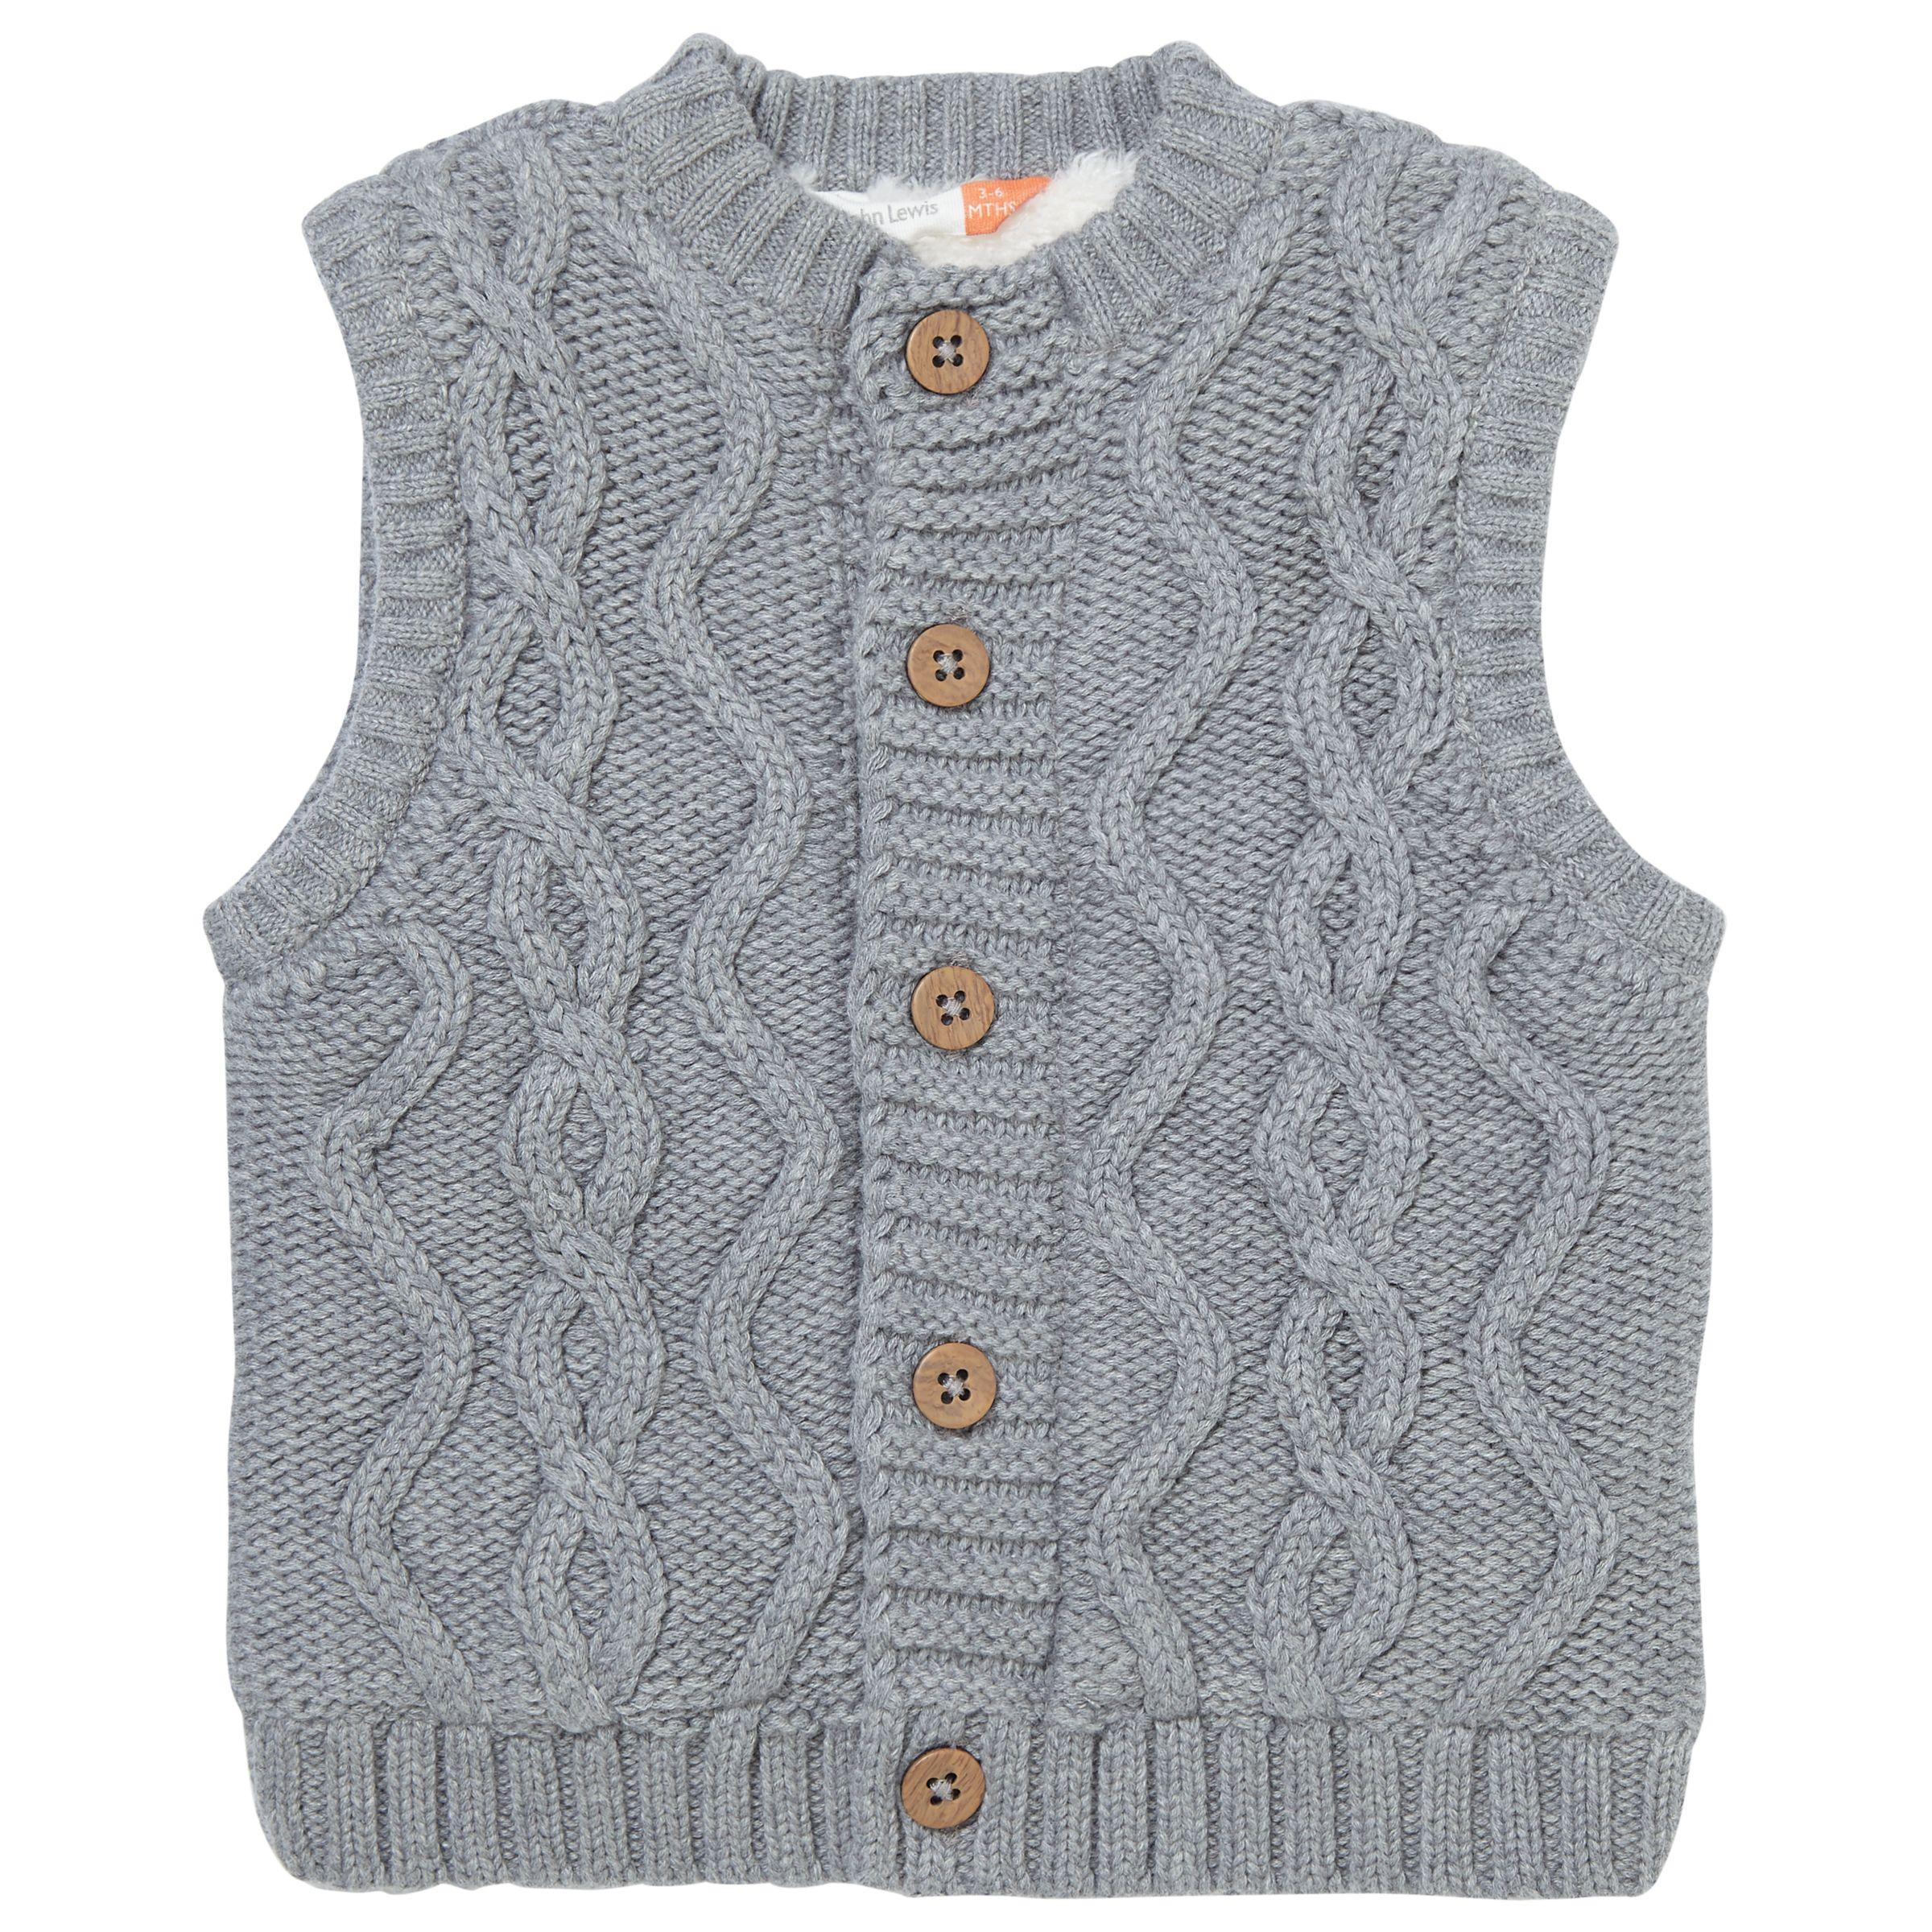 John Lewis Snowman Knitting Pattern : View all John Lewis Baby John Lewis